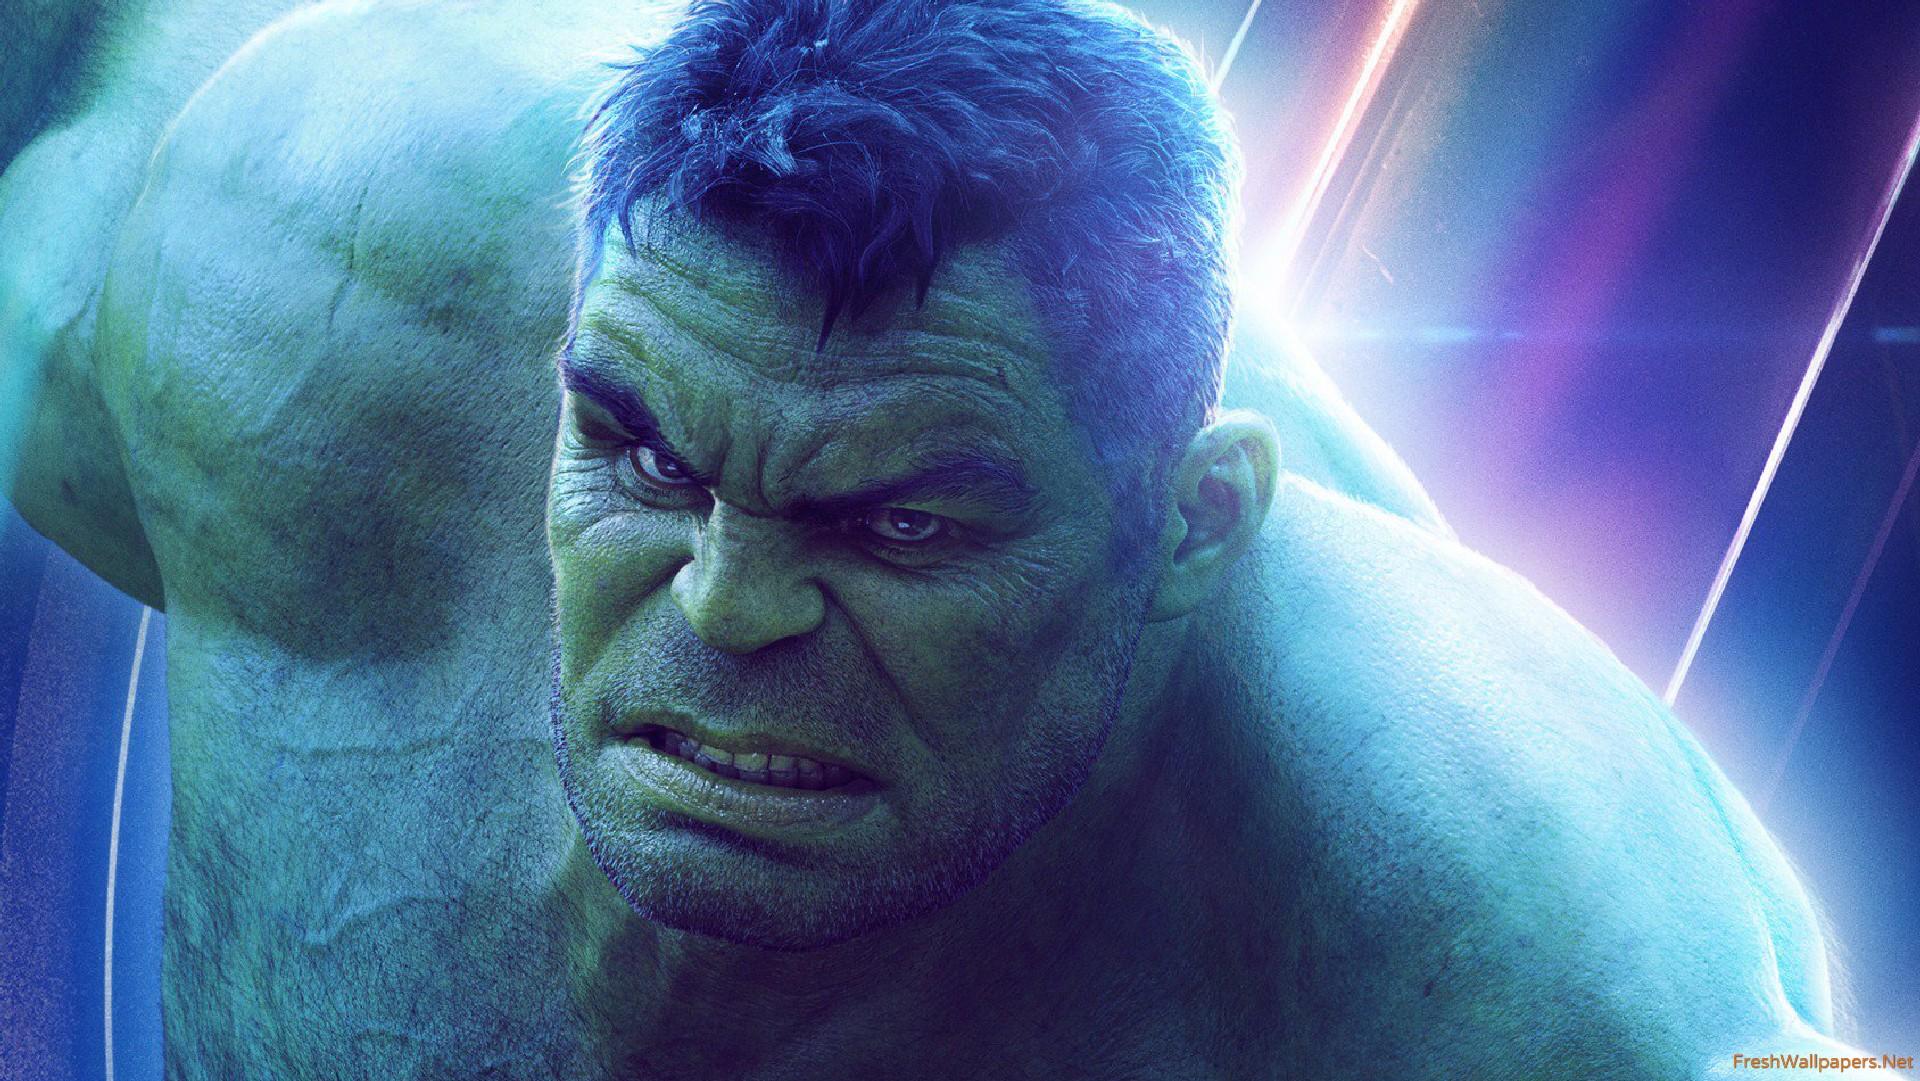 Hulk In Avengers Infinity War New Poster